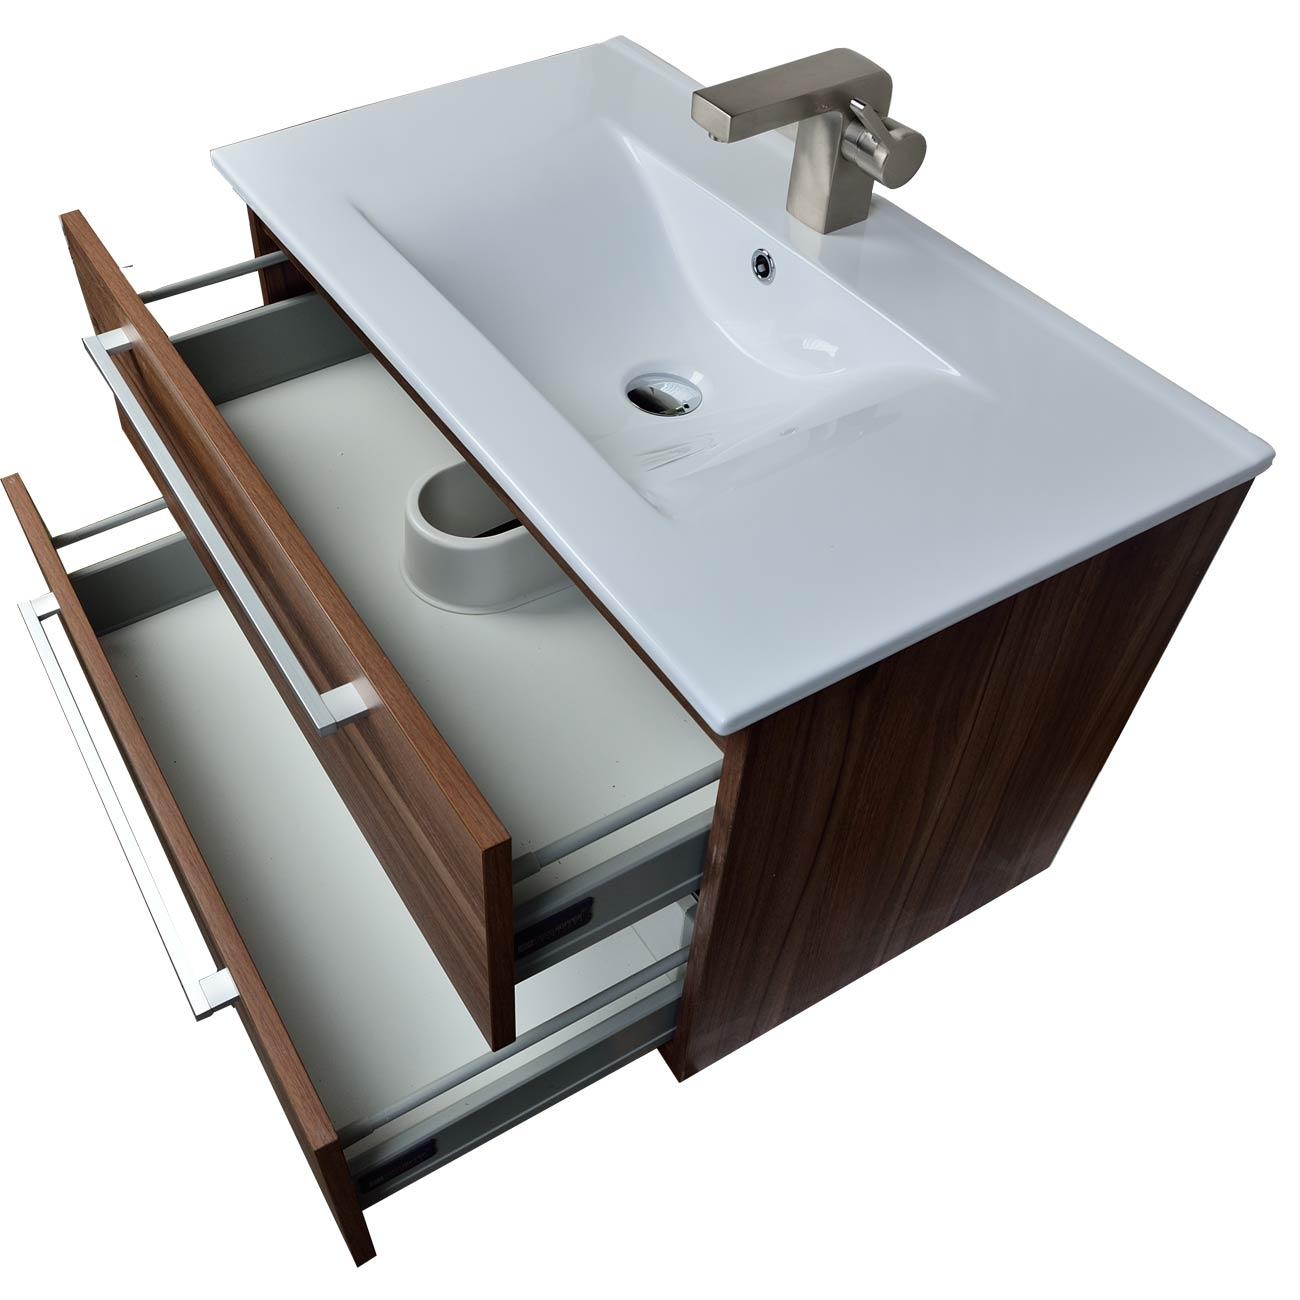 Buy 32 Inch Wall Mount Modern Bathroom Vanity Set Walnut Rs Dm800 Wn On Free